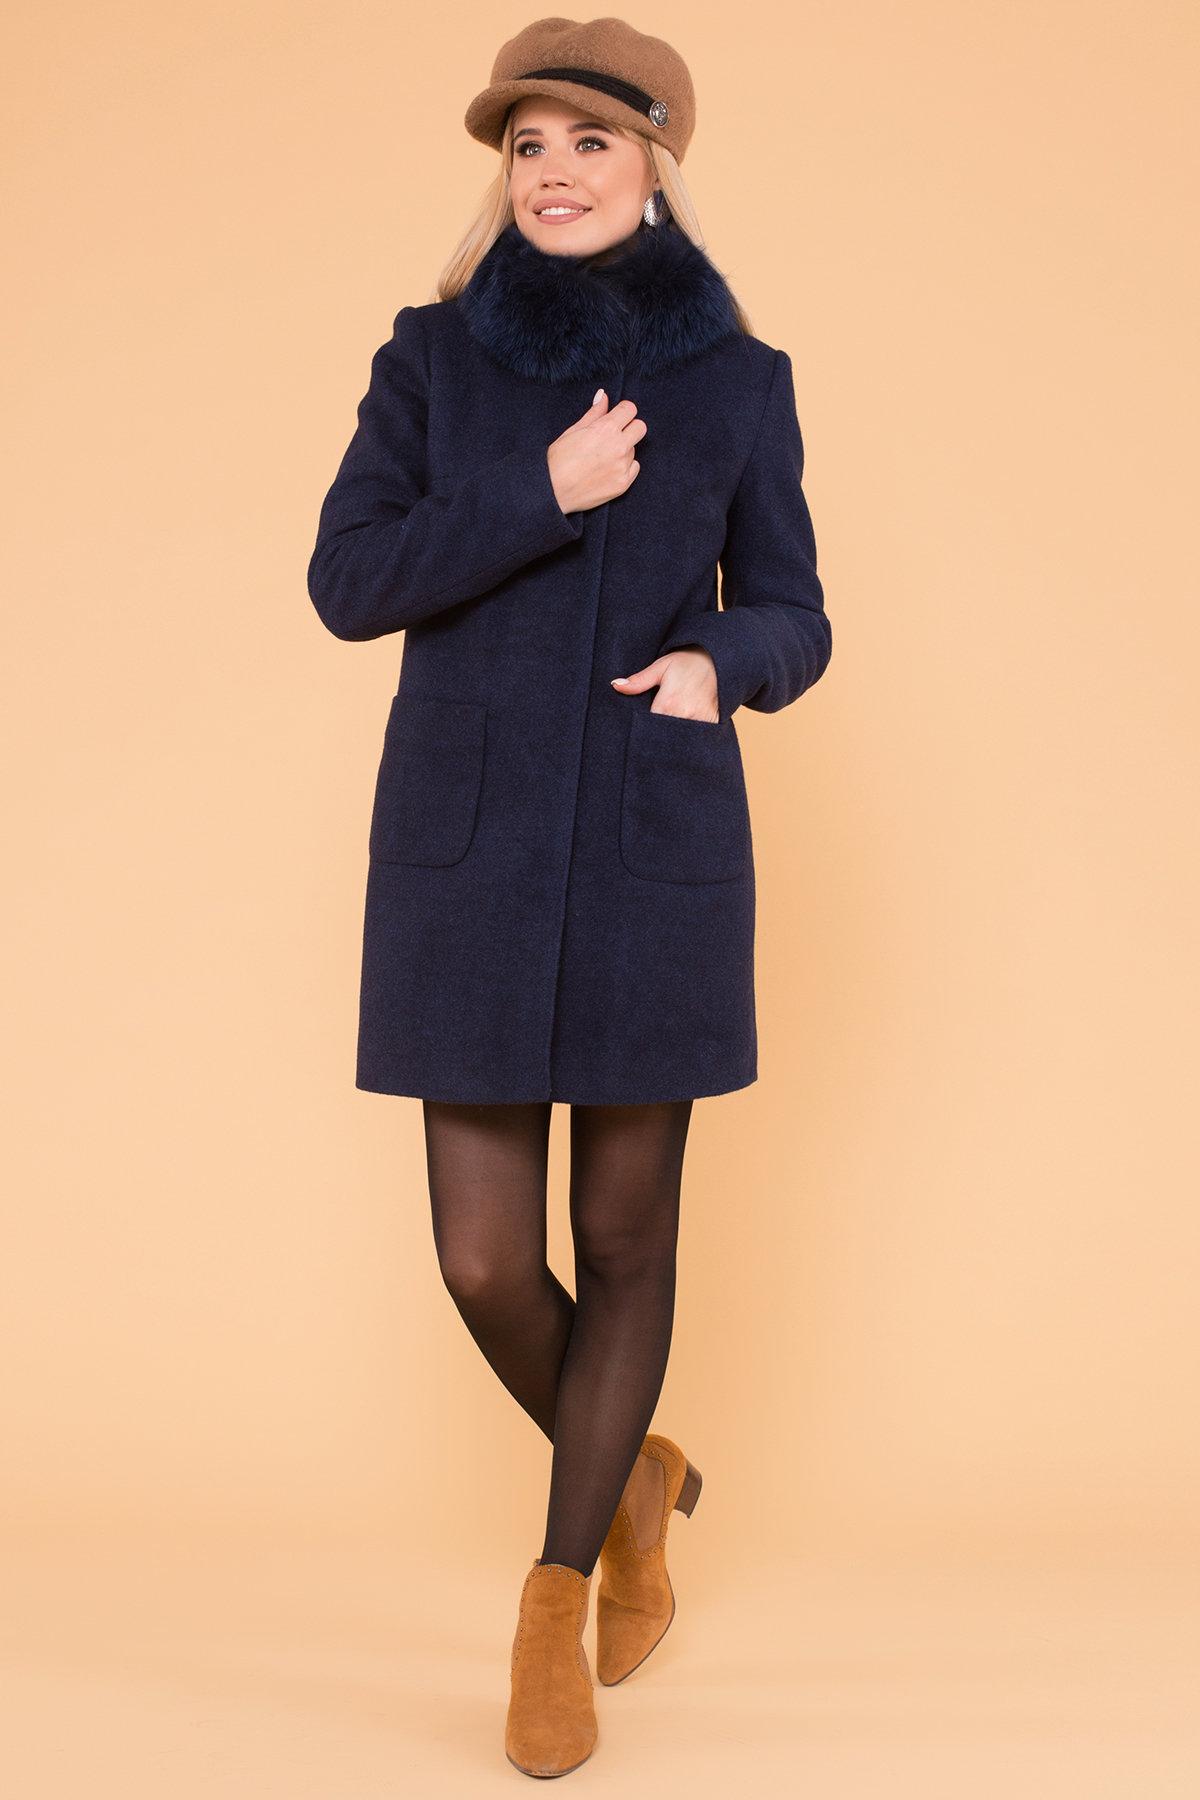 Пальто зимнее купить от TM Modus Пальто зима Мелини 5967